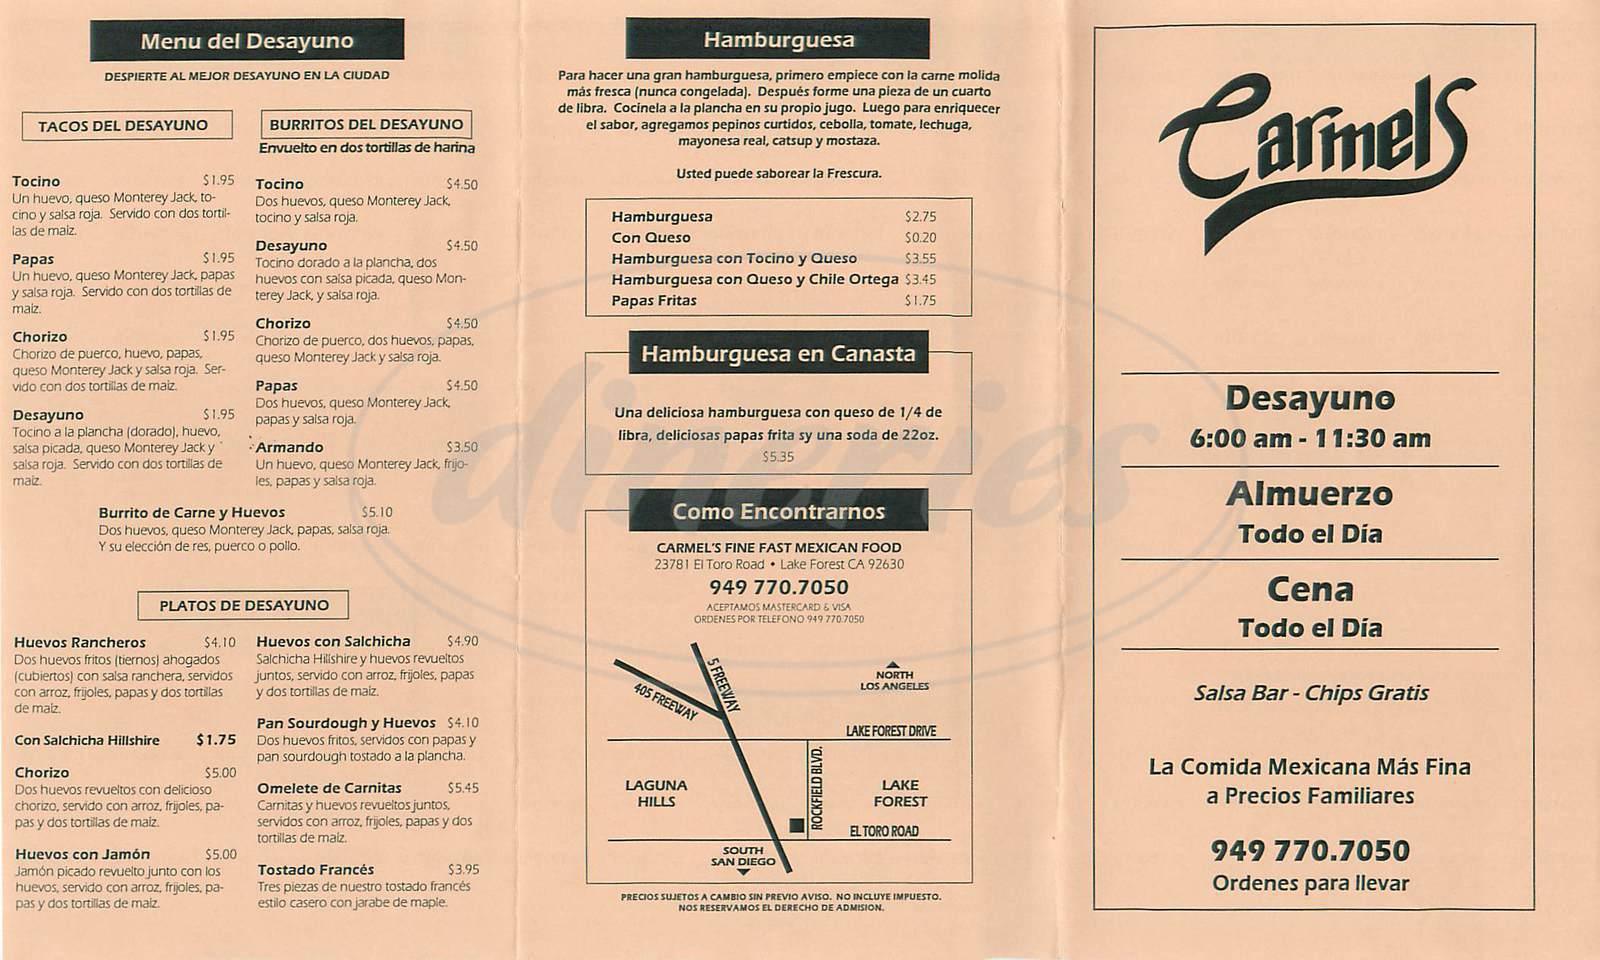 menu for Carmels